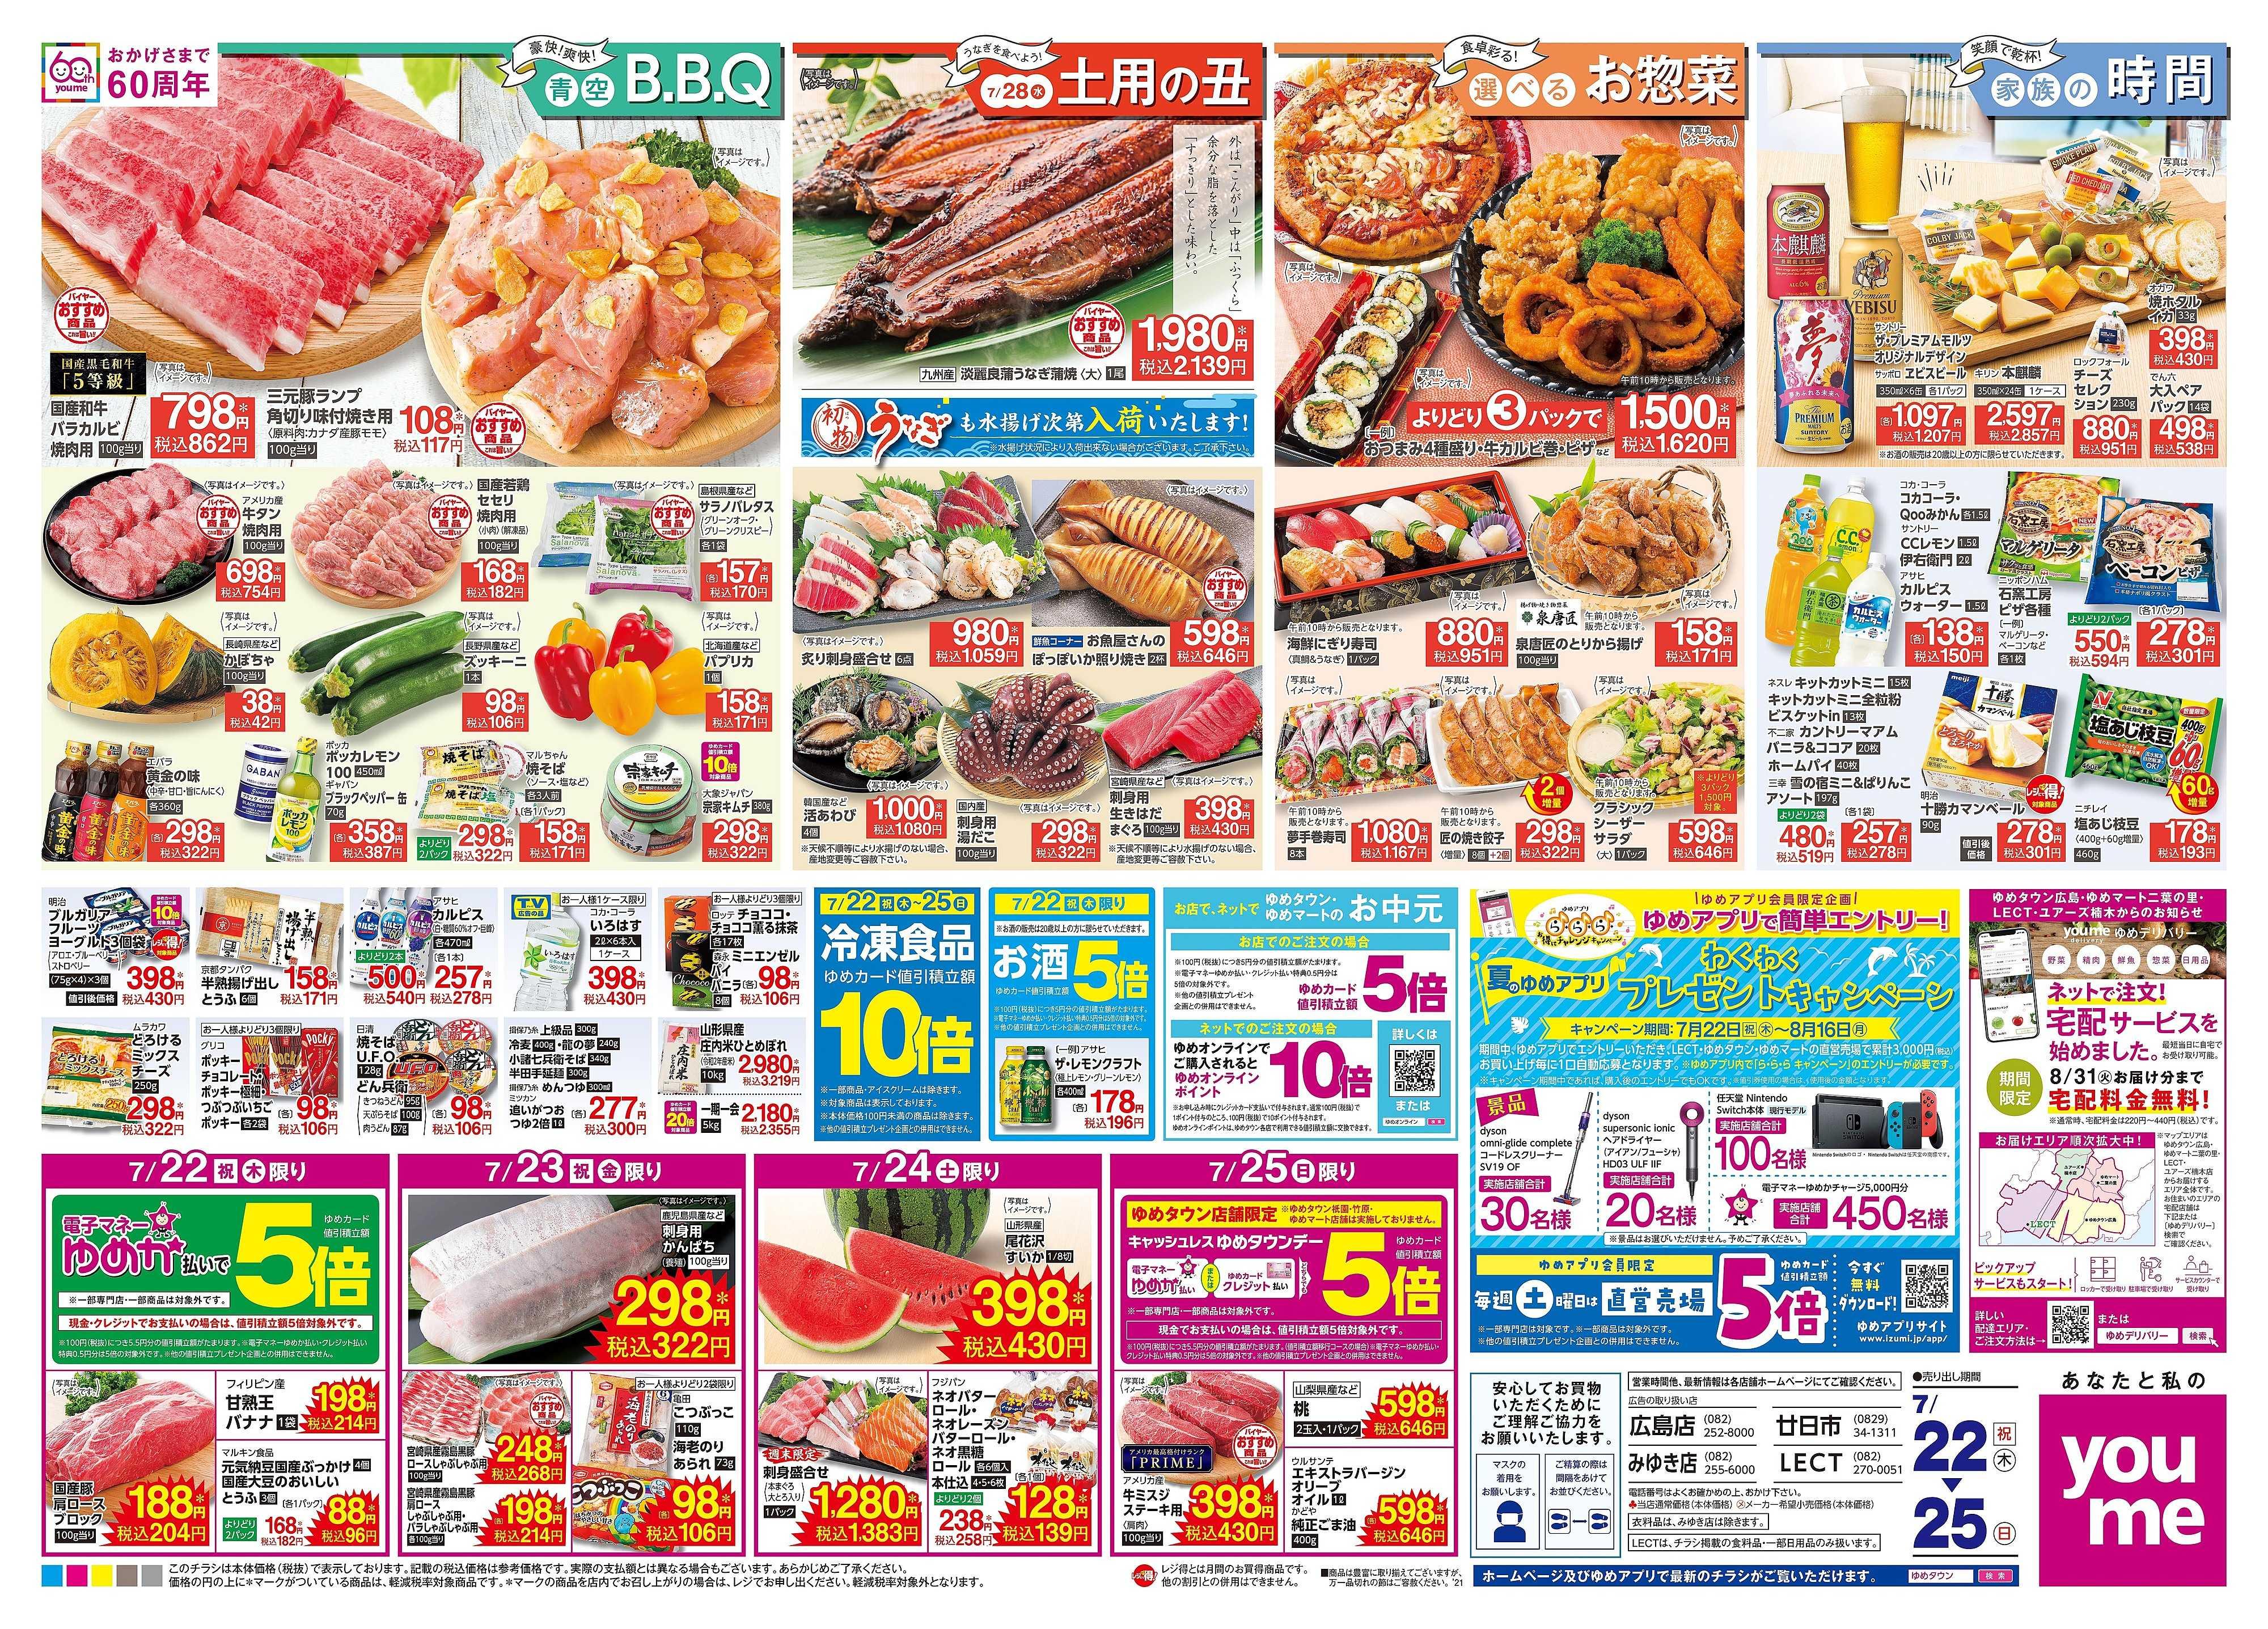 ゆめタウン 7/22(祝・木)-7/25(日)